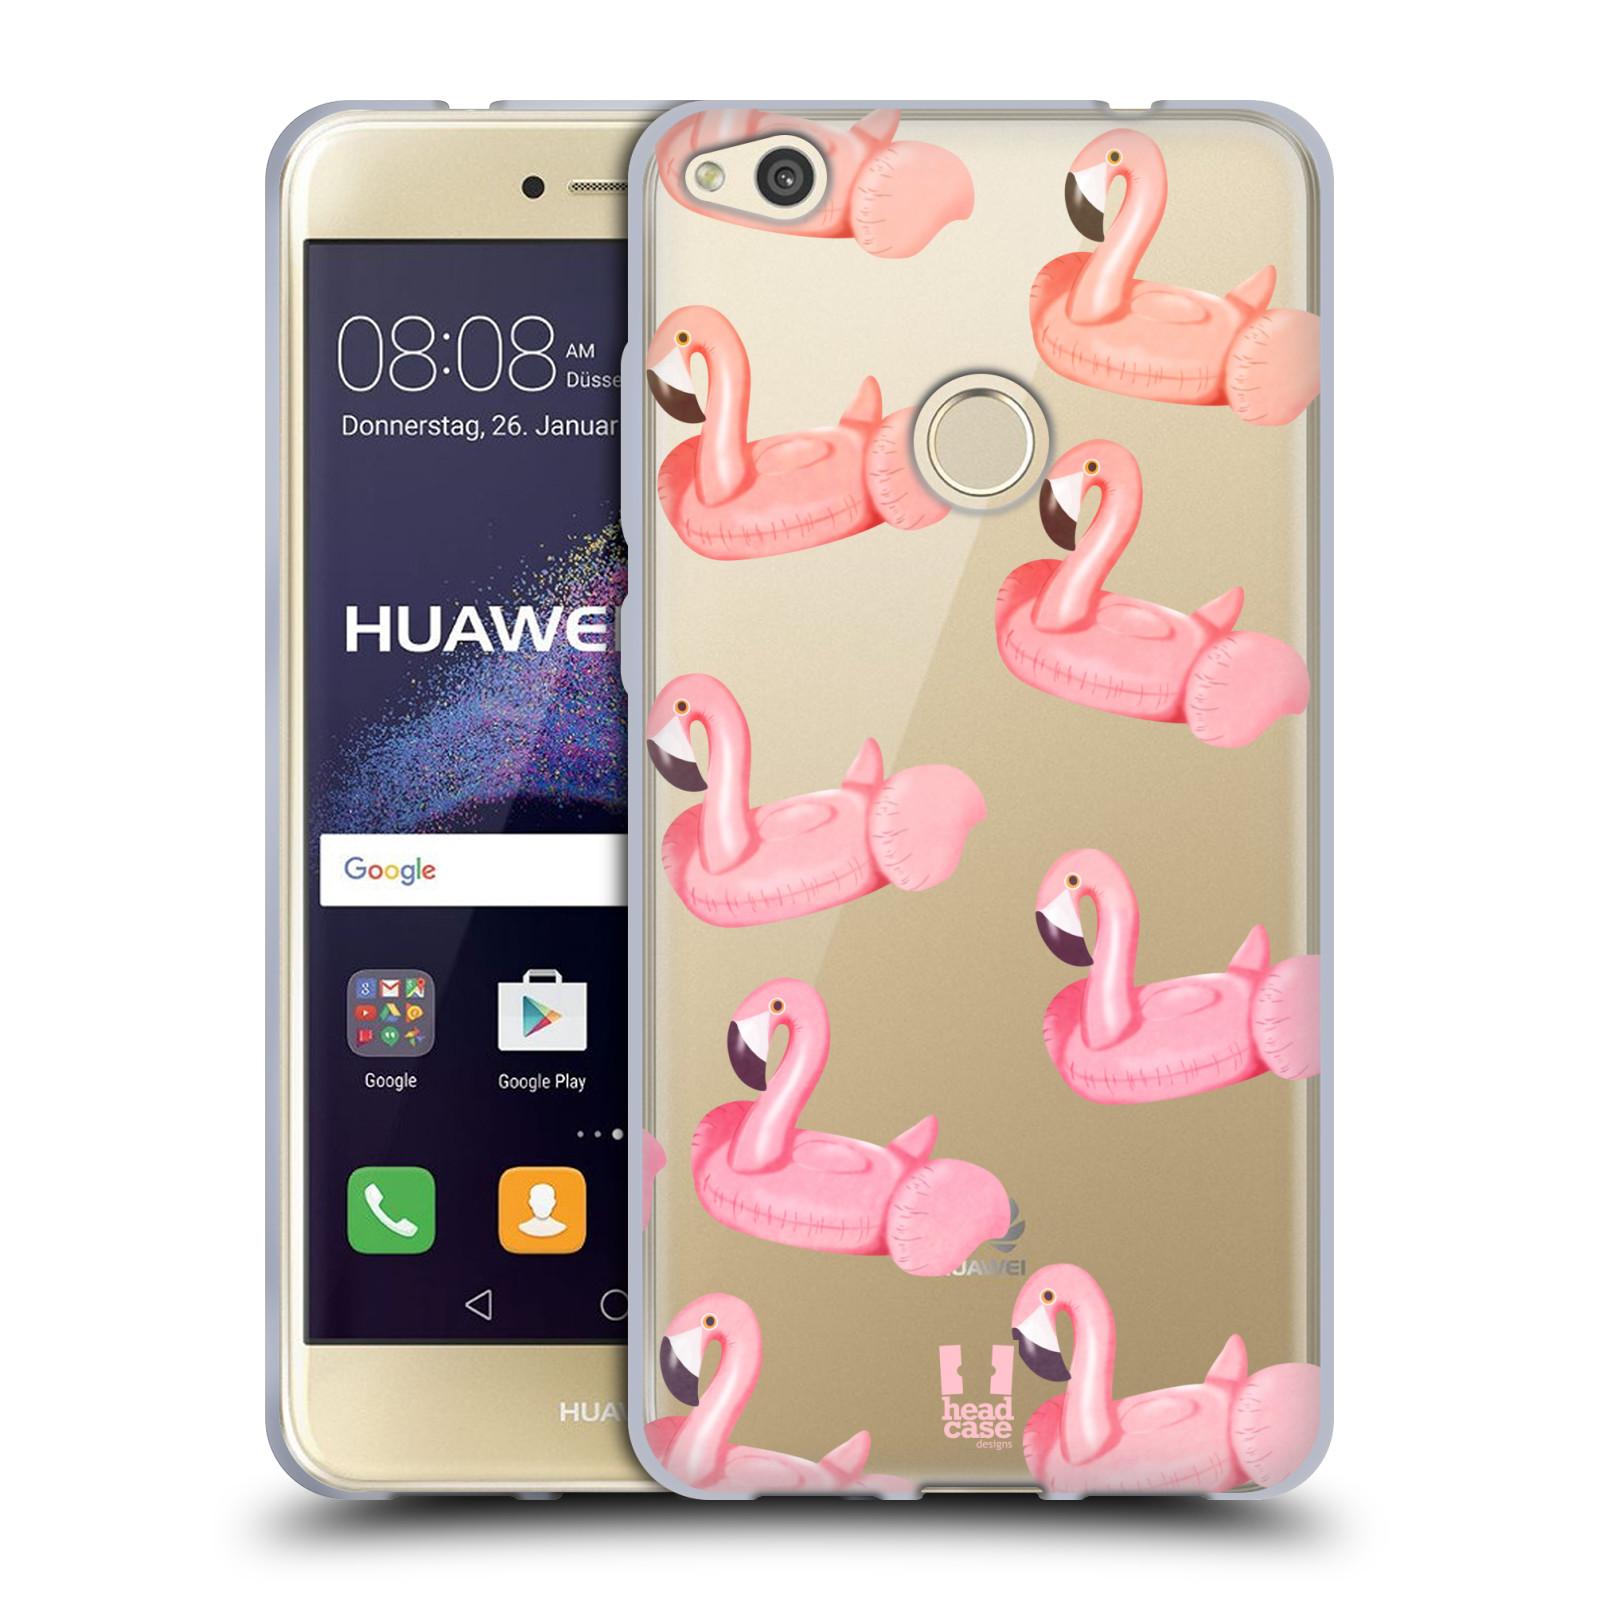 Silikonové pouzdro na mobil Huawei P9 Lite (2017) - Head Case - Kruh plaměňák